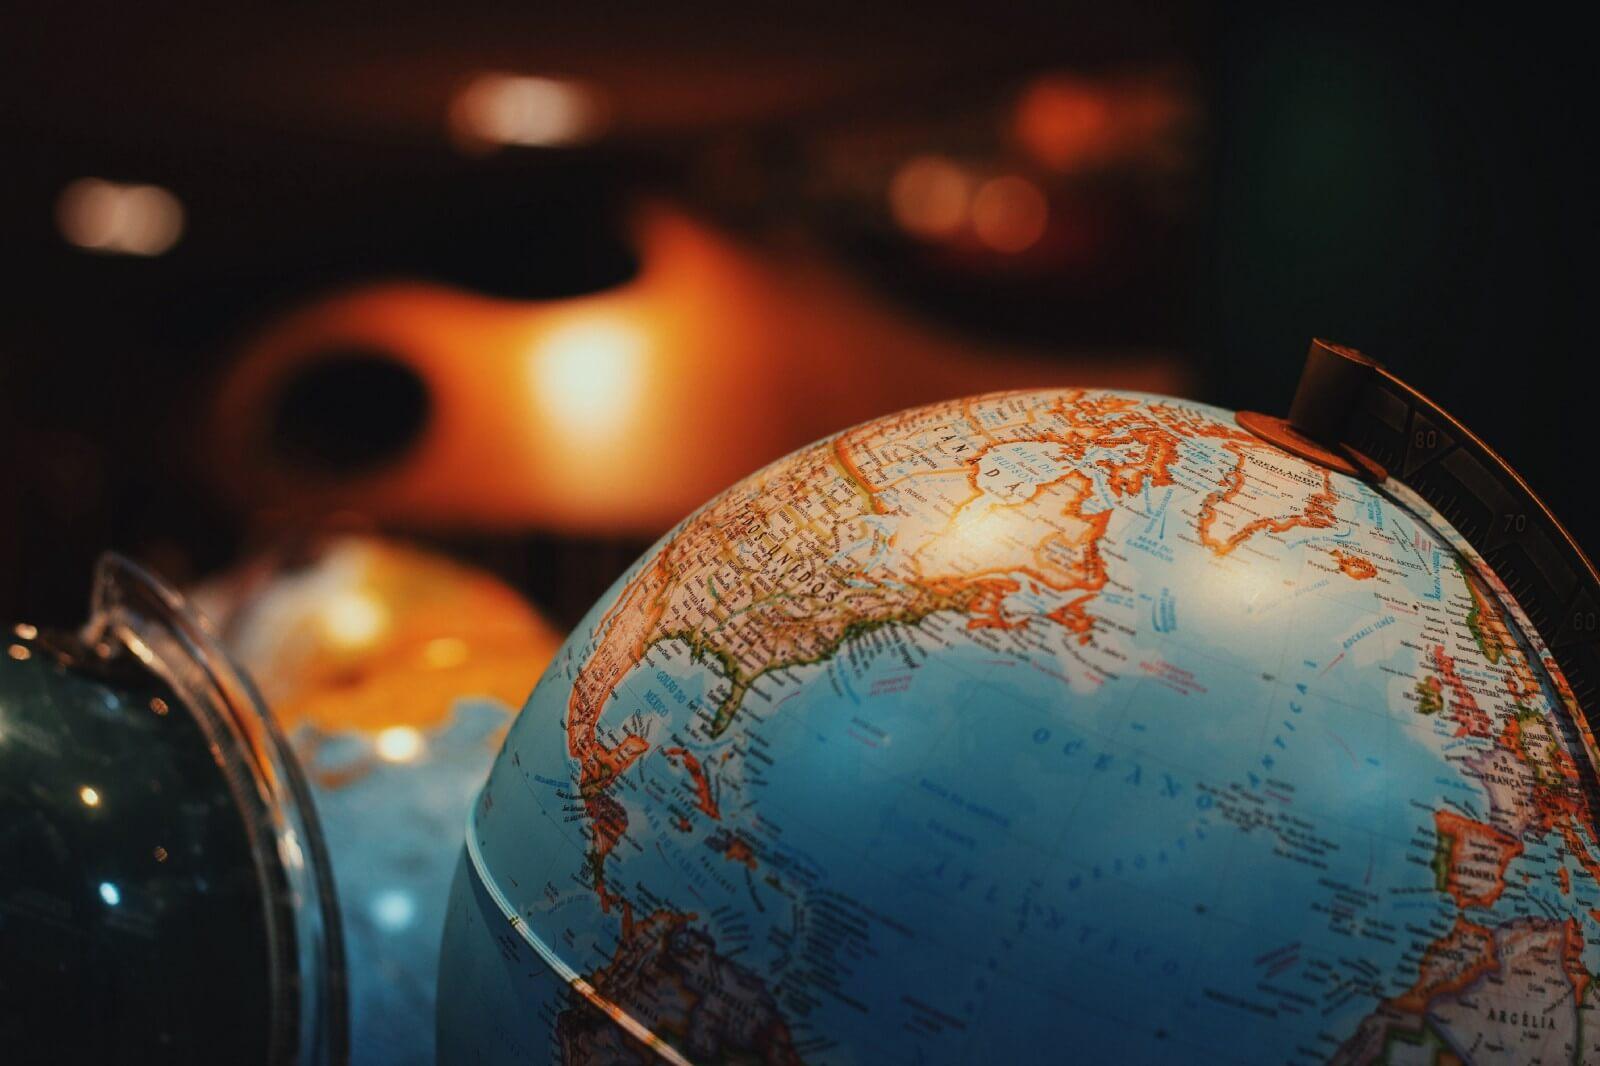 10 کشور برای سرمایه گذاری در املاک و مستغلات